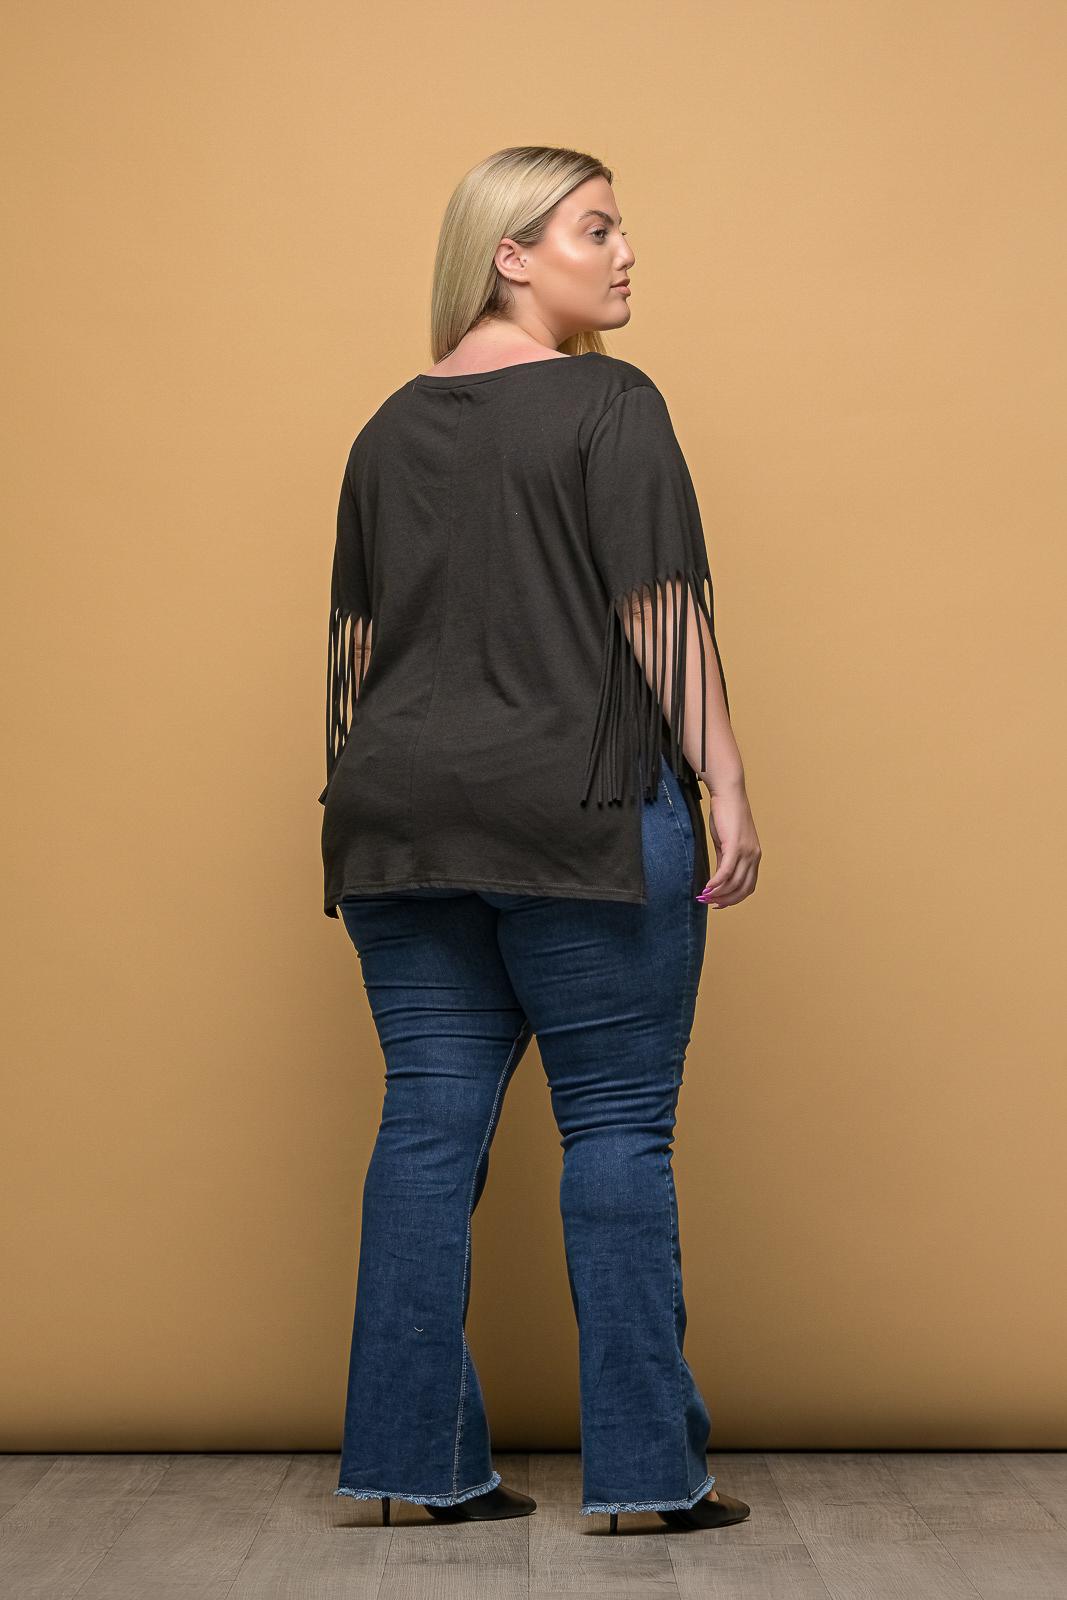 Μπλούζα μεγάλα μεγέθη μακό μαύρη με κρόσια στα μανίκια και ανοιγμα στο. Στο eshop μας θα βρείτε οικονομικά γυναίκεια ρούχα σε μεγάλα μεγέθη και υπερμεγέθη.